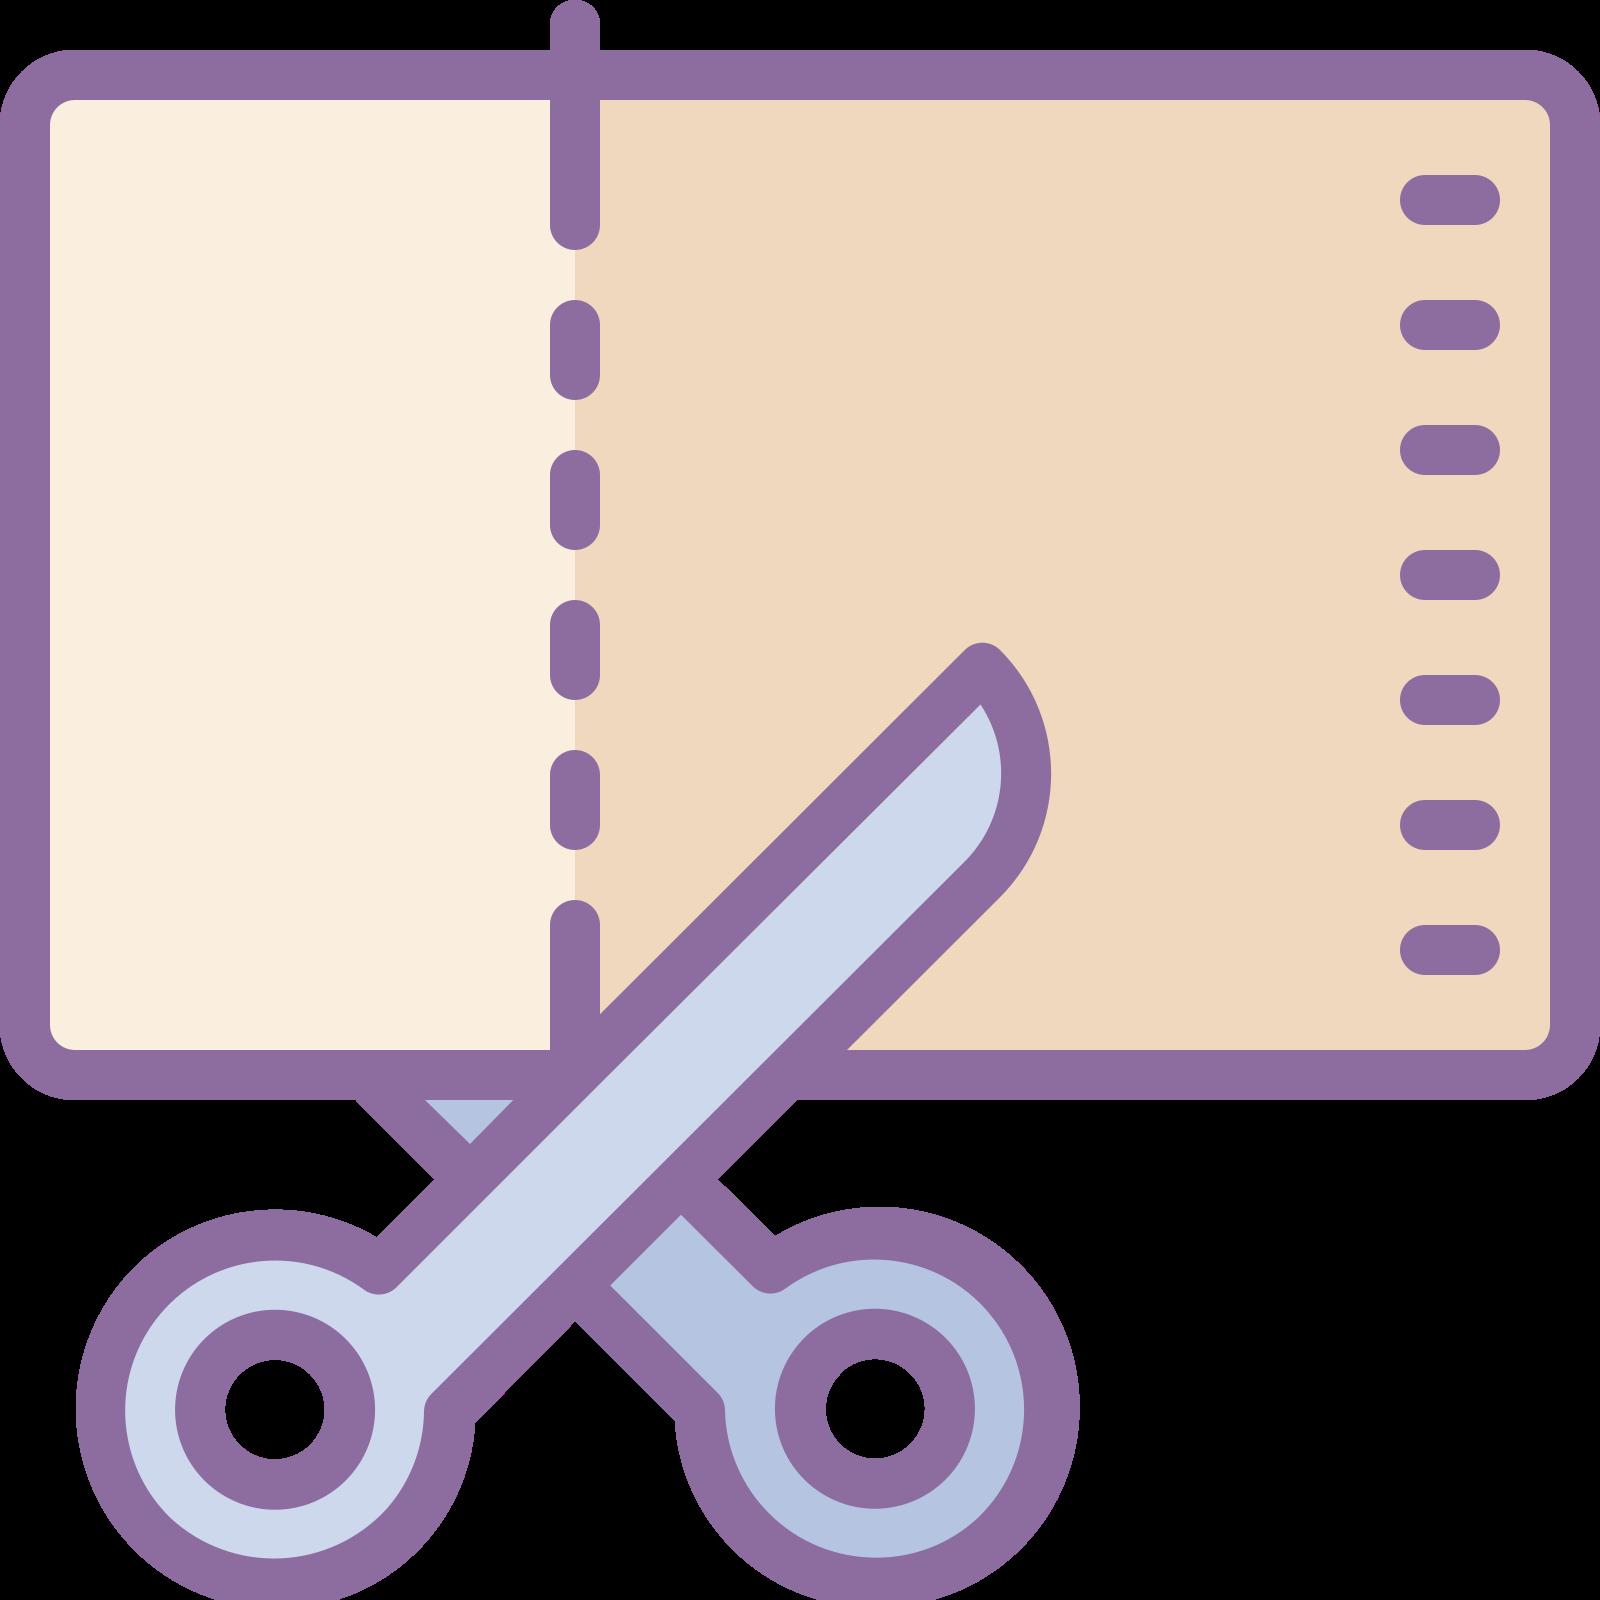 カット icon. A pair of scissors opened and pointed right. They appear to be pretty sharp scissors. Not the kind you would give to a child.